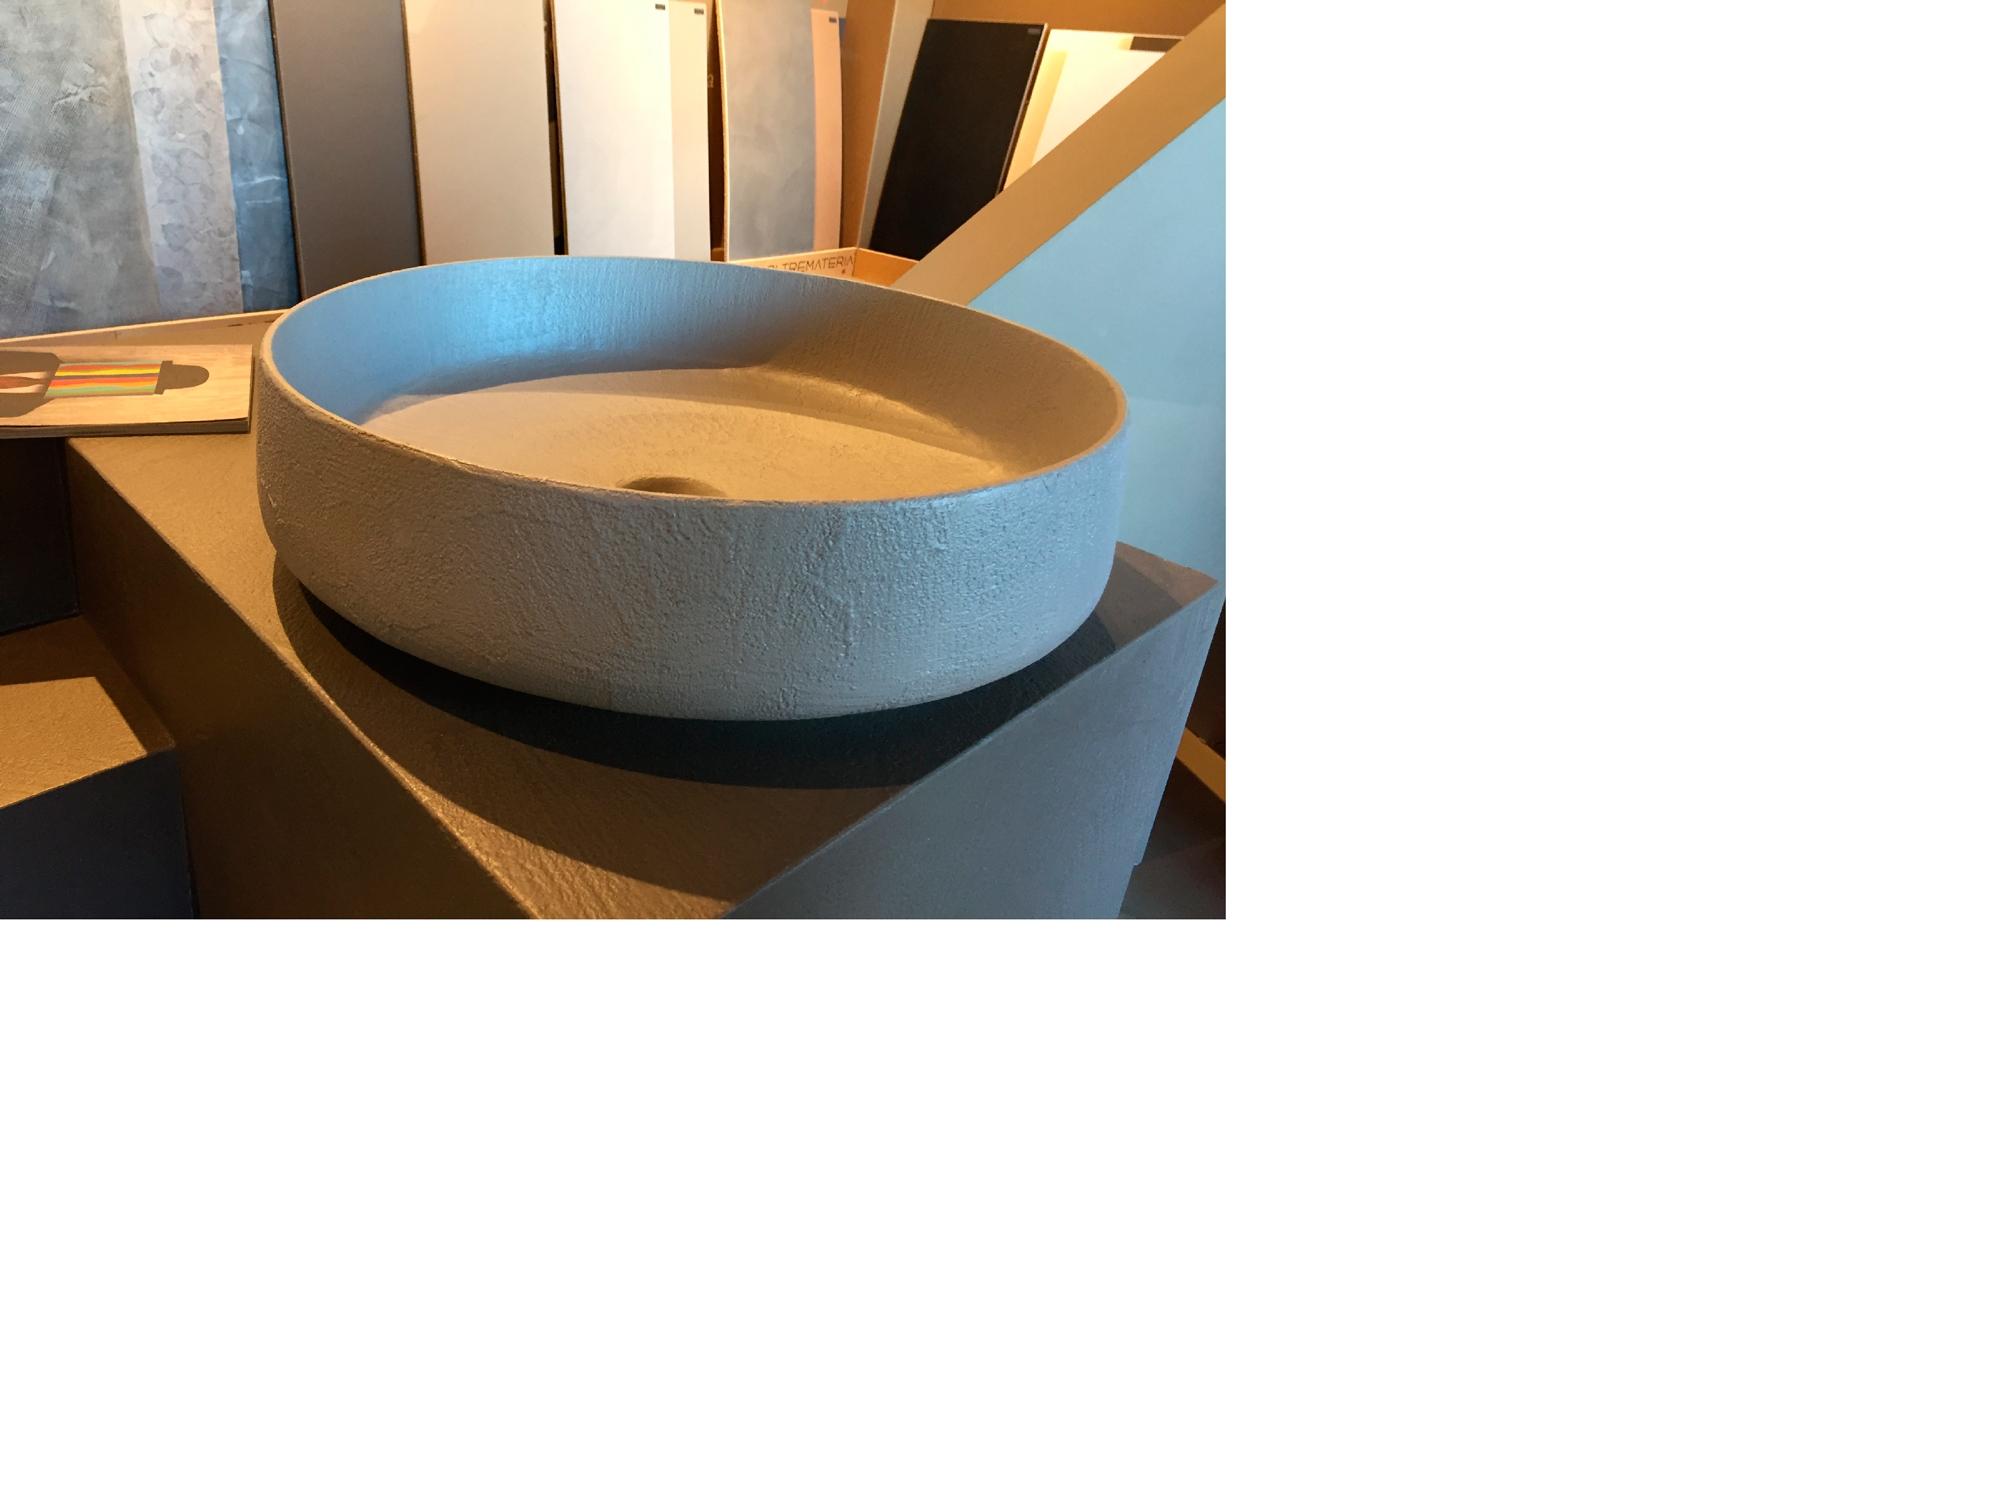 Lavabo in ceramica rivestito in ecomalta oltremateria for Ceramica arredo bagno